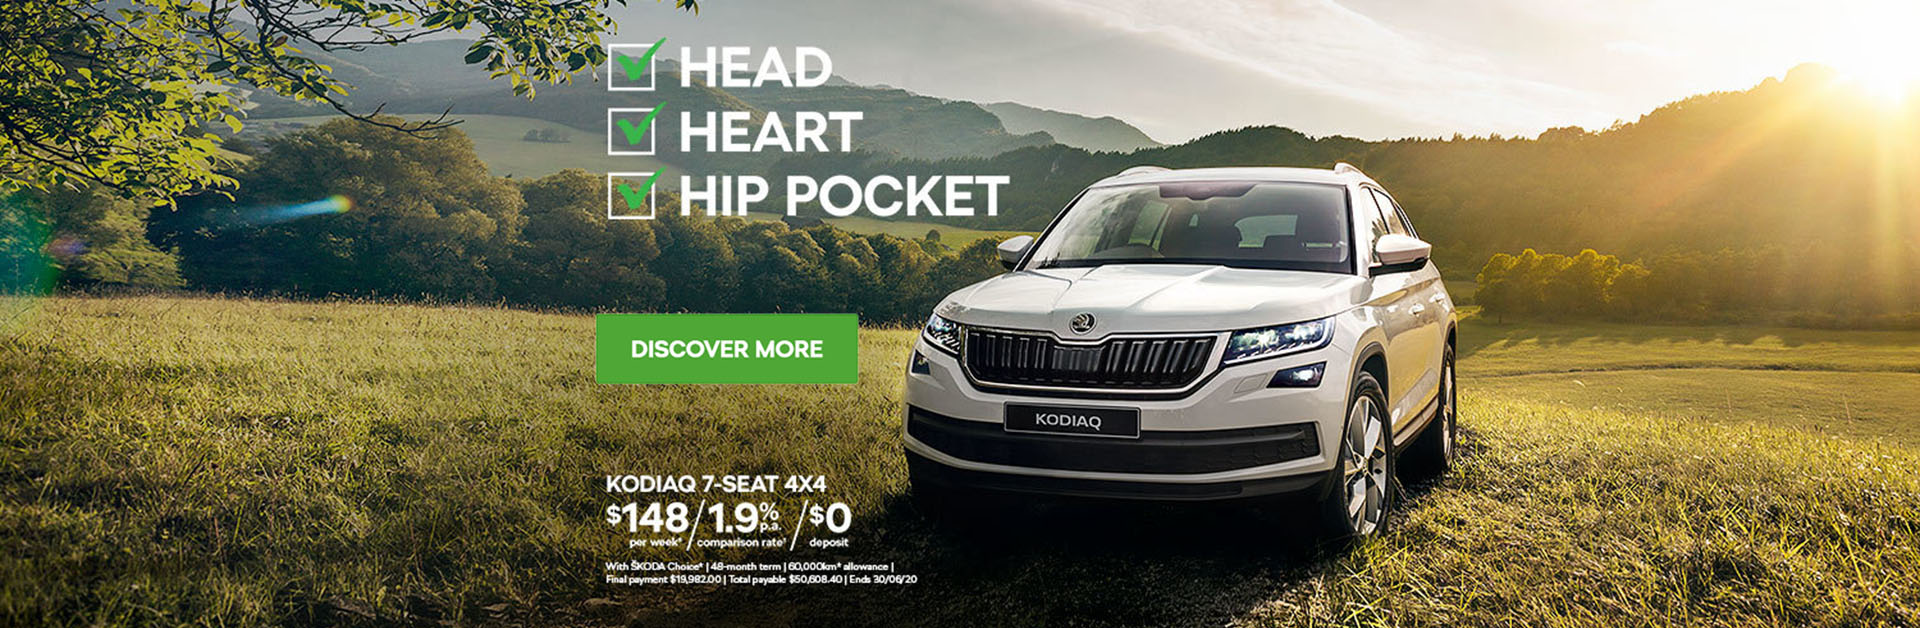 Tamworth Skoda. Head Heart Hip Pocket. Kodiaq 7-Seat 4x4